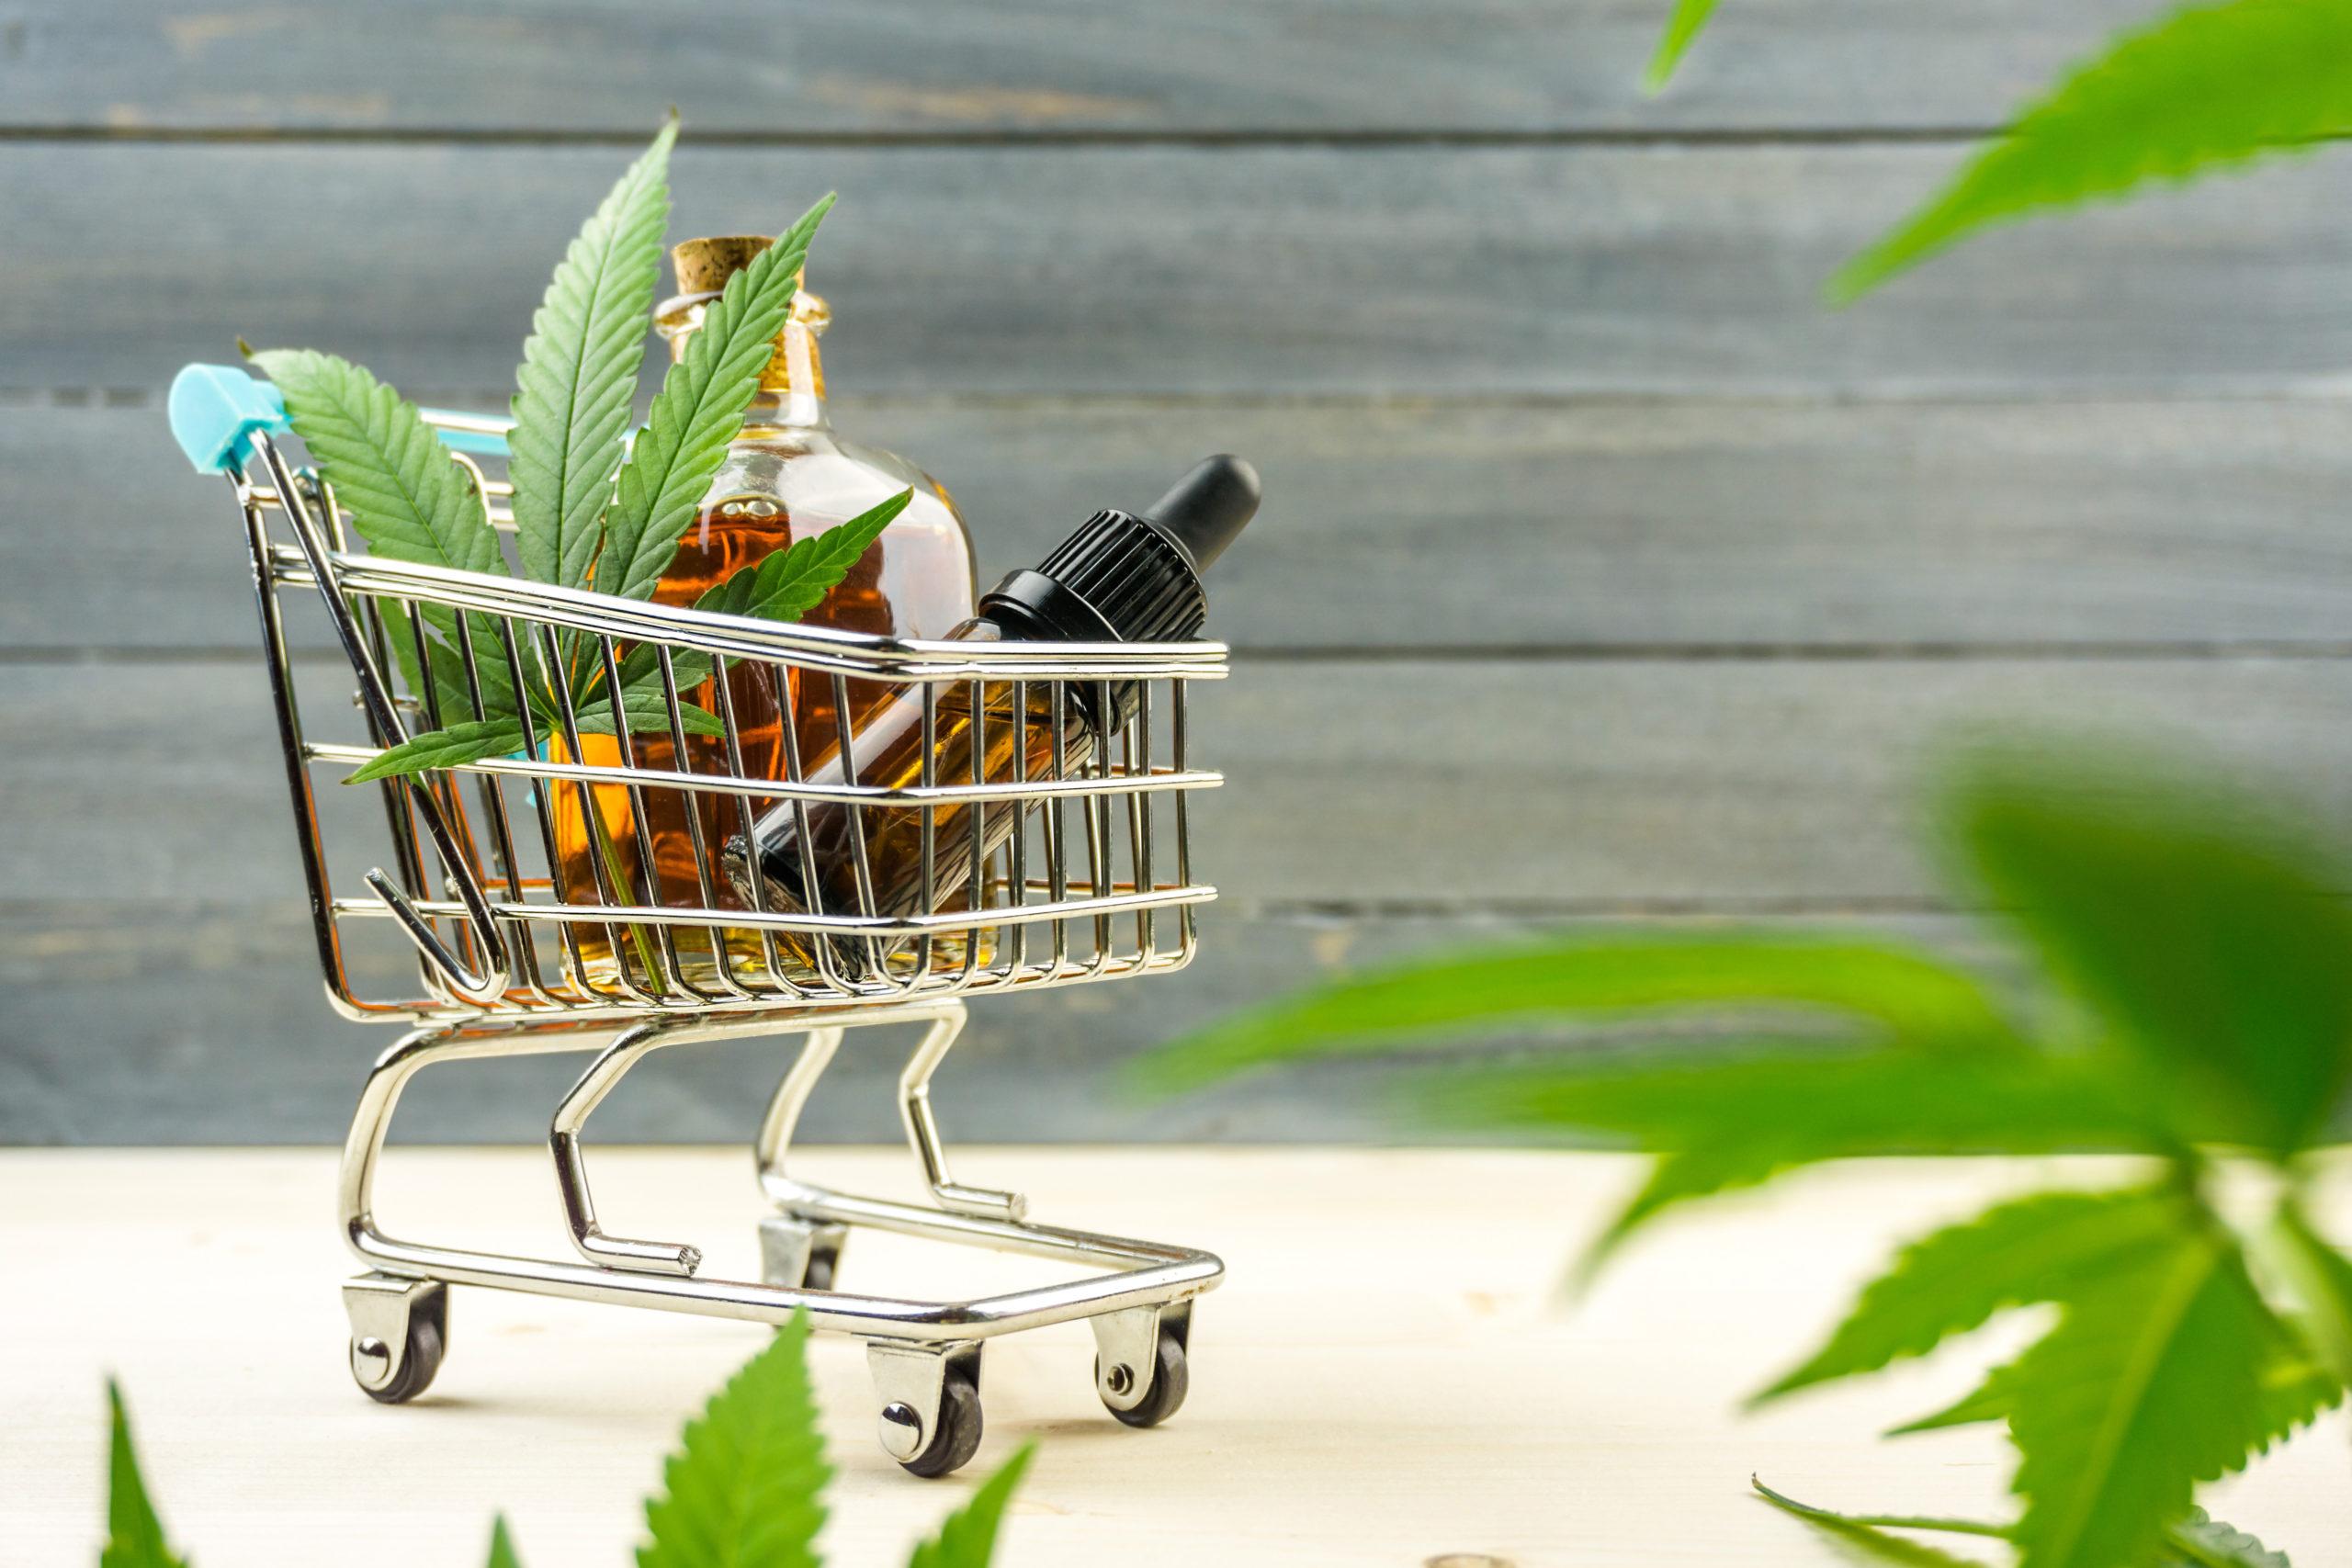 Pronto podrías encontrar CBD en cualquier supermercado